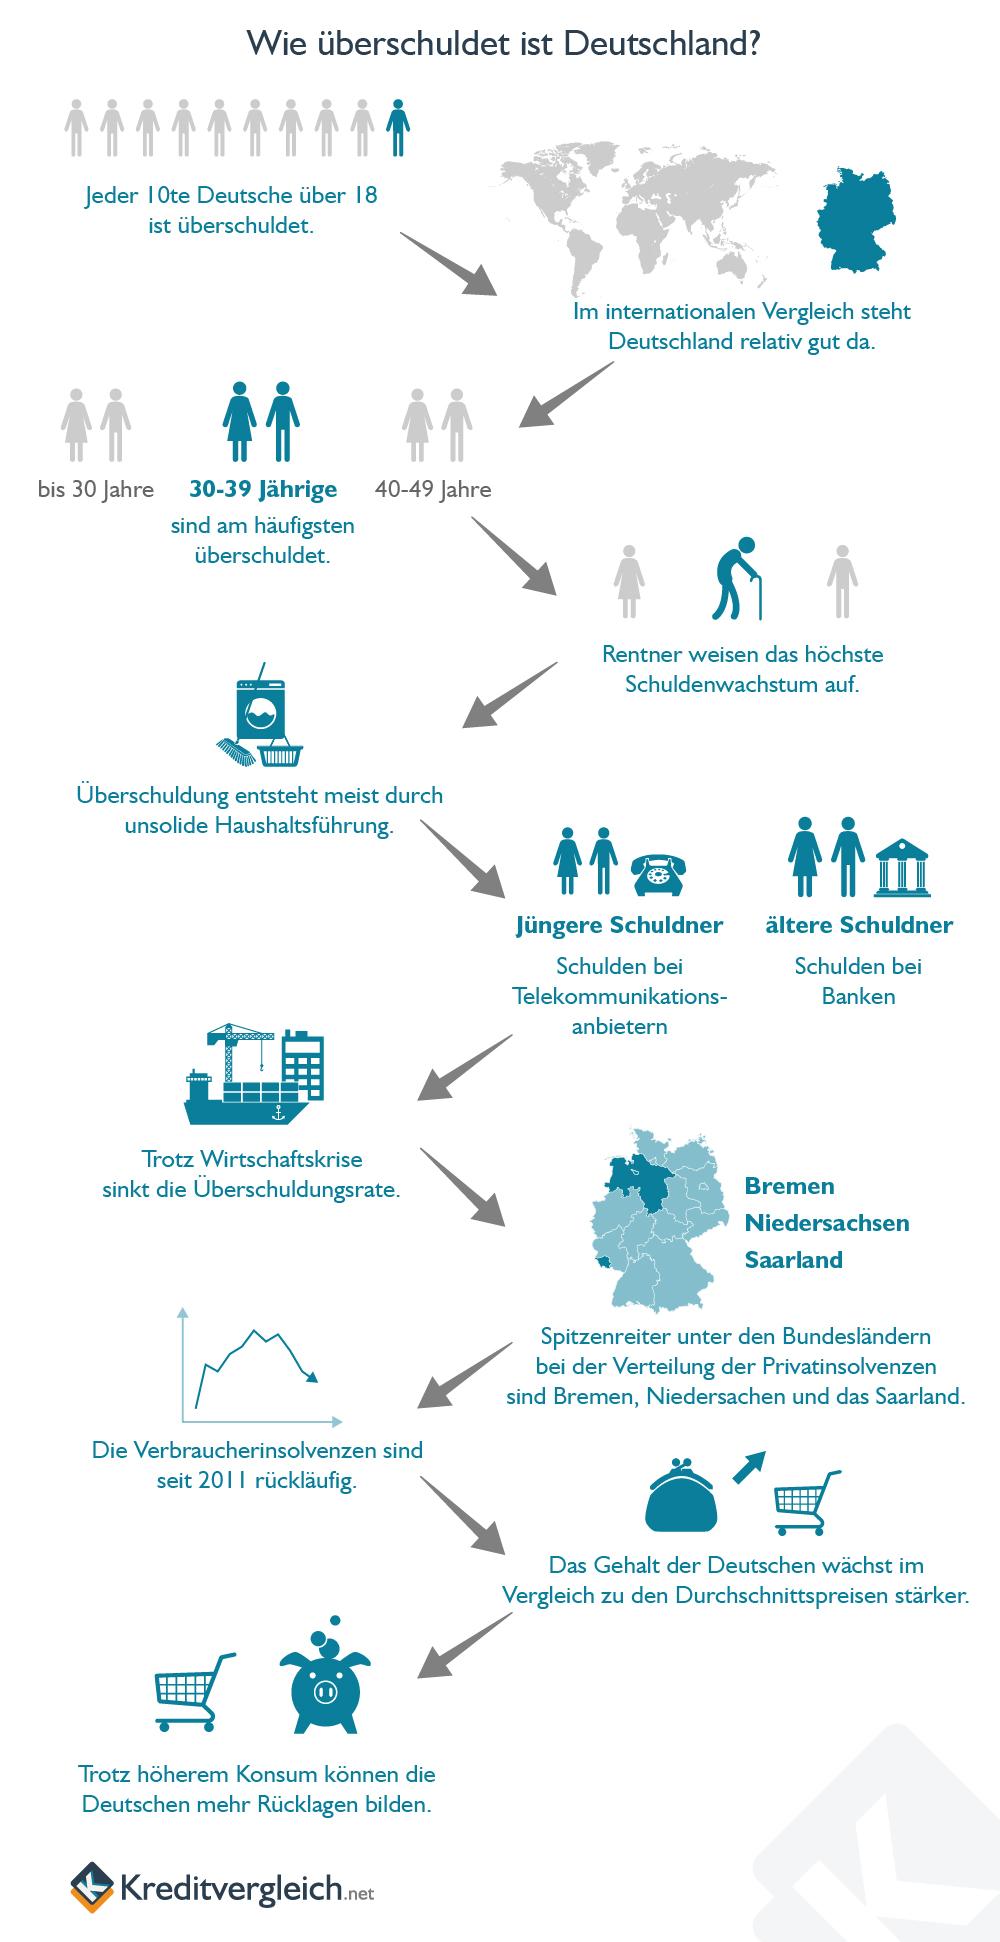 Infografik zur Überschuldung in Deutschland